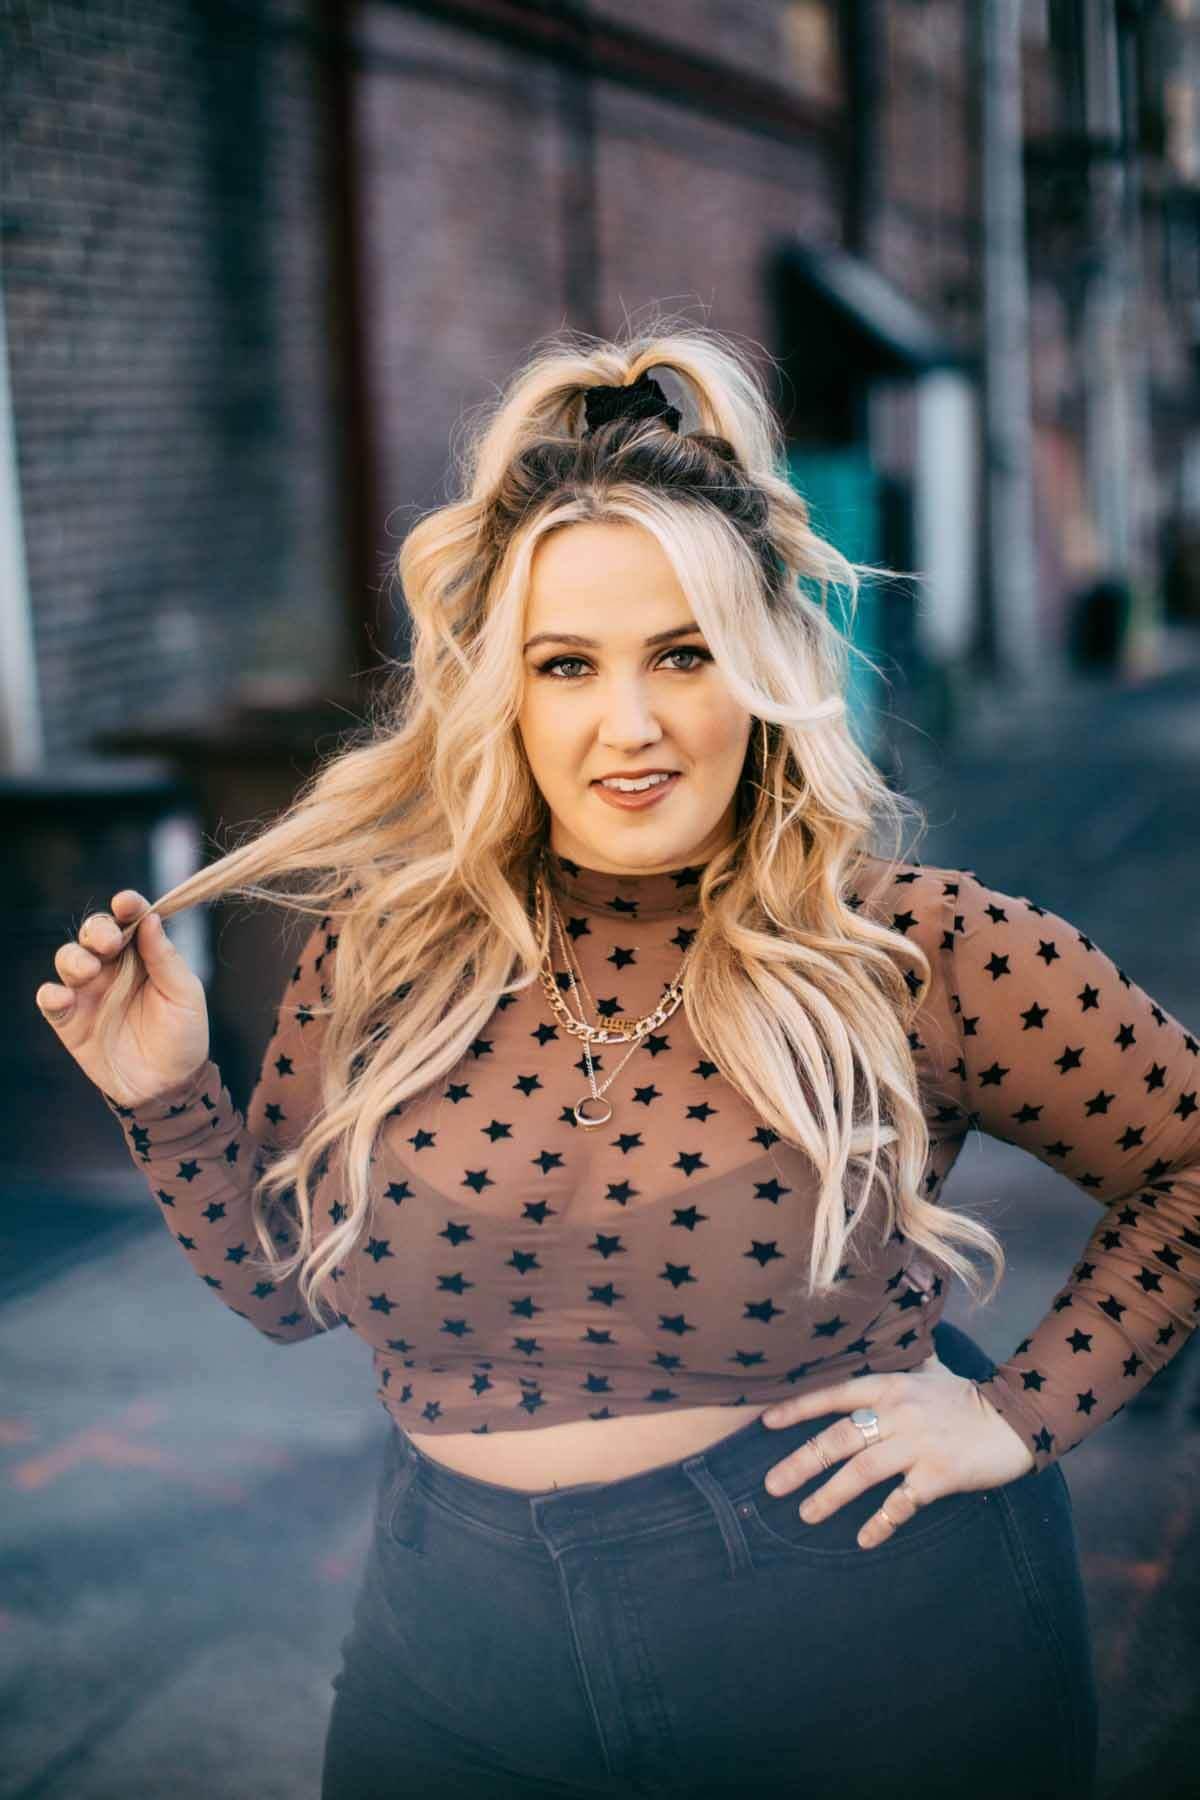 Country Music artist, Priscilla Block